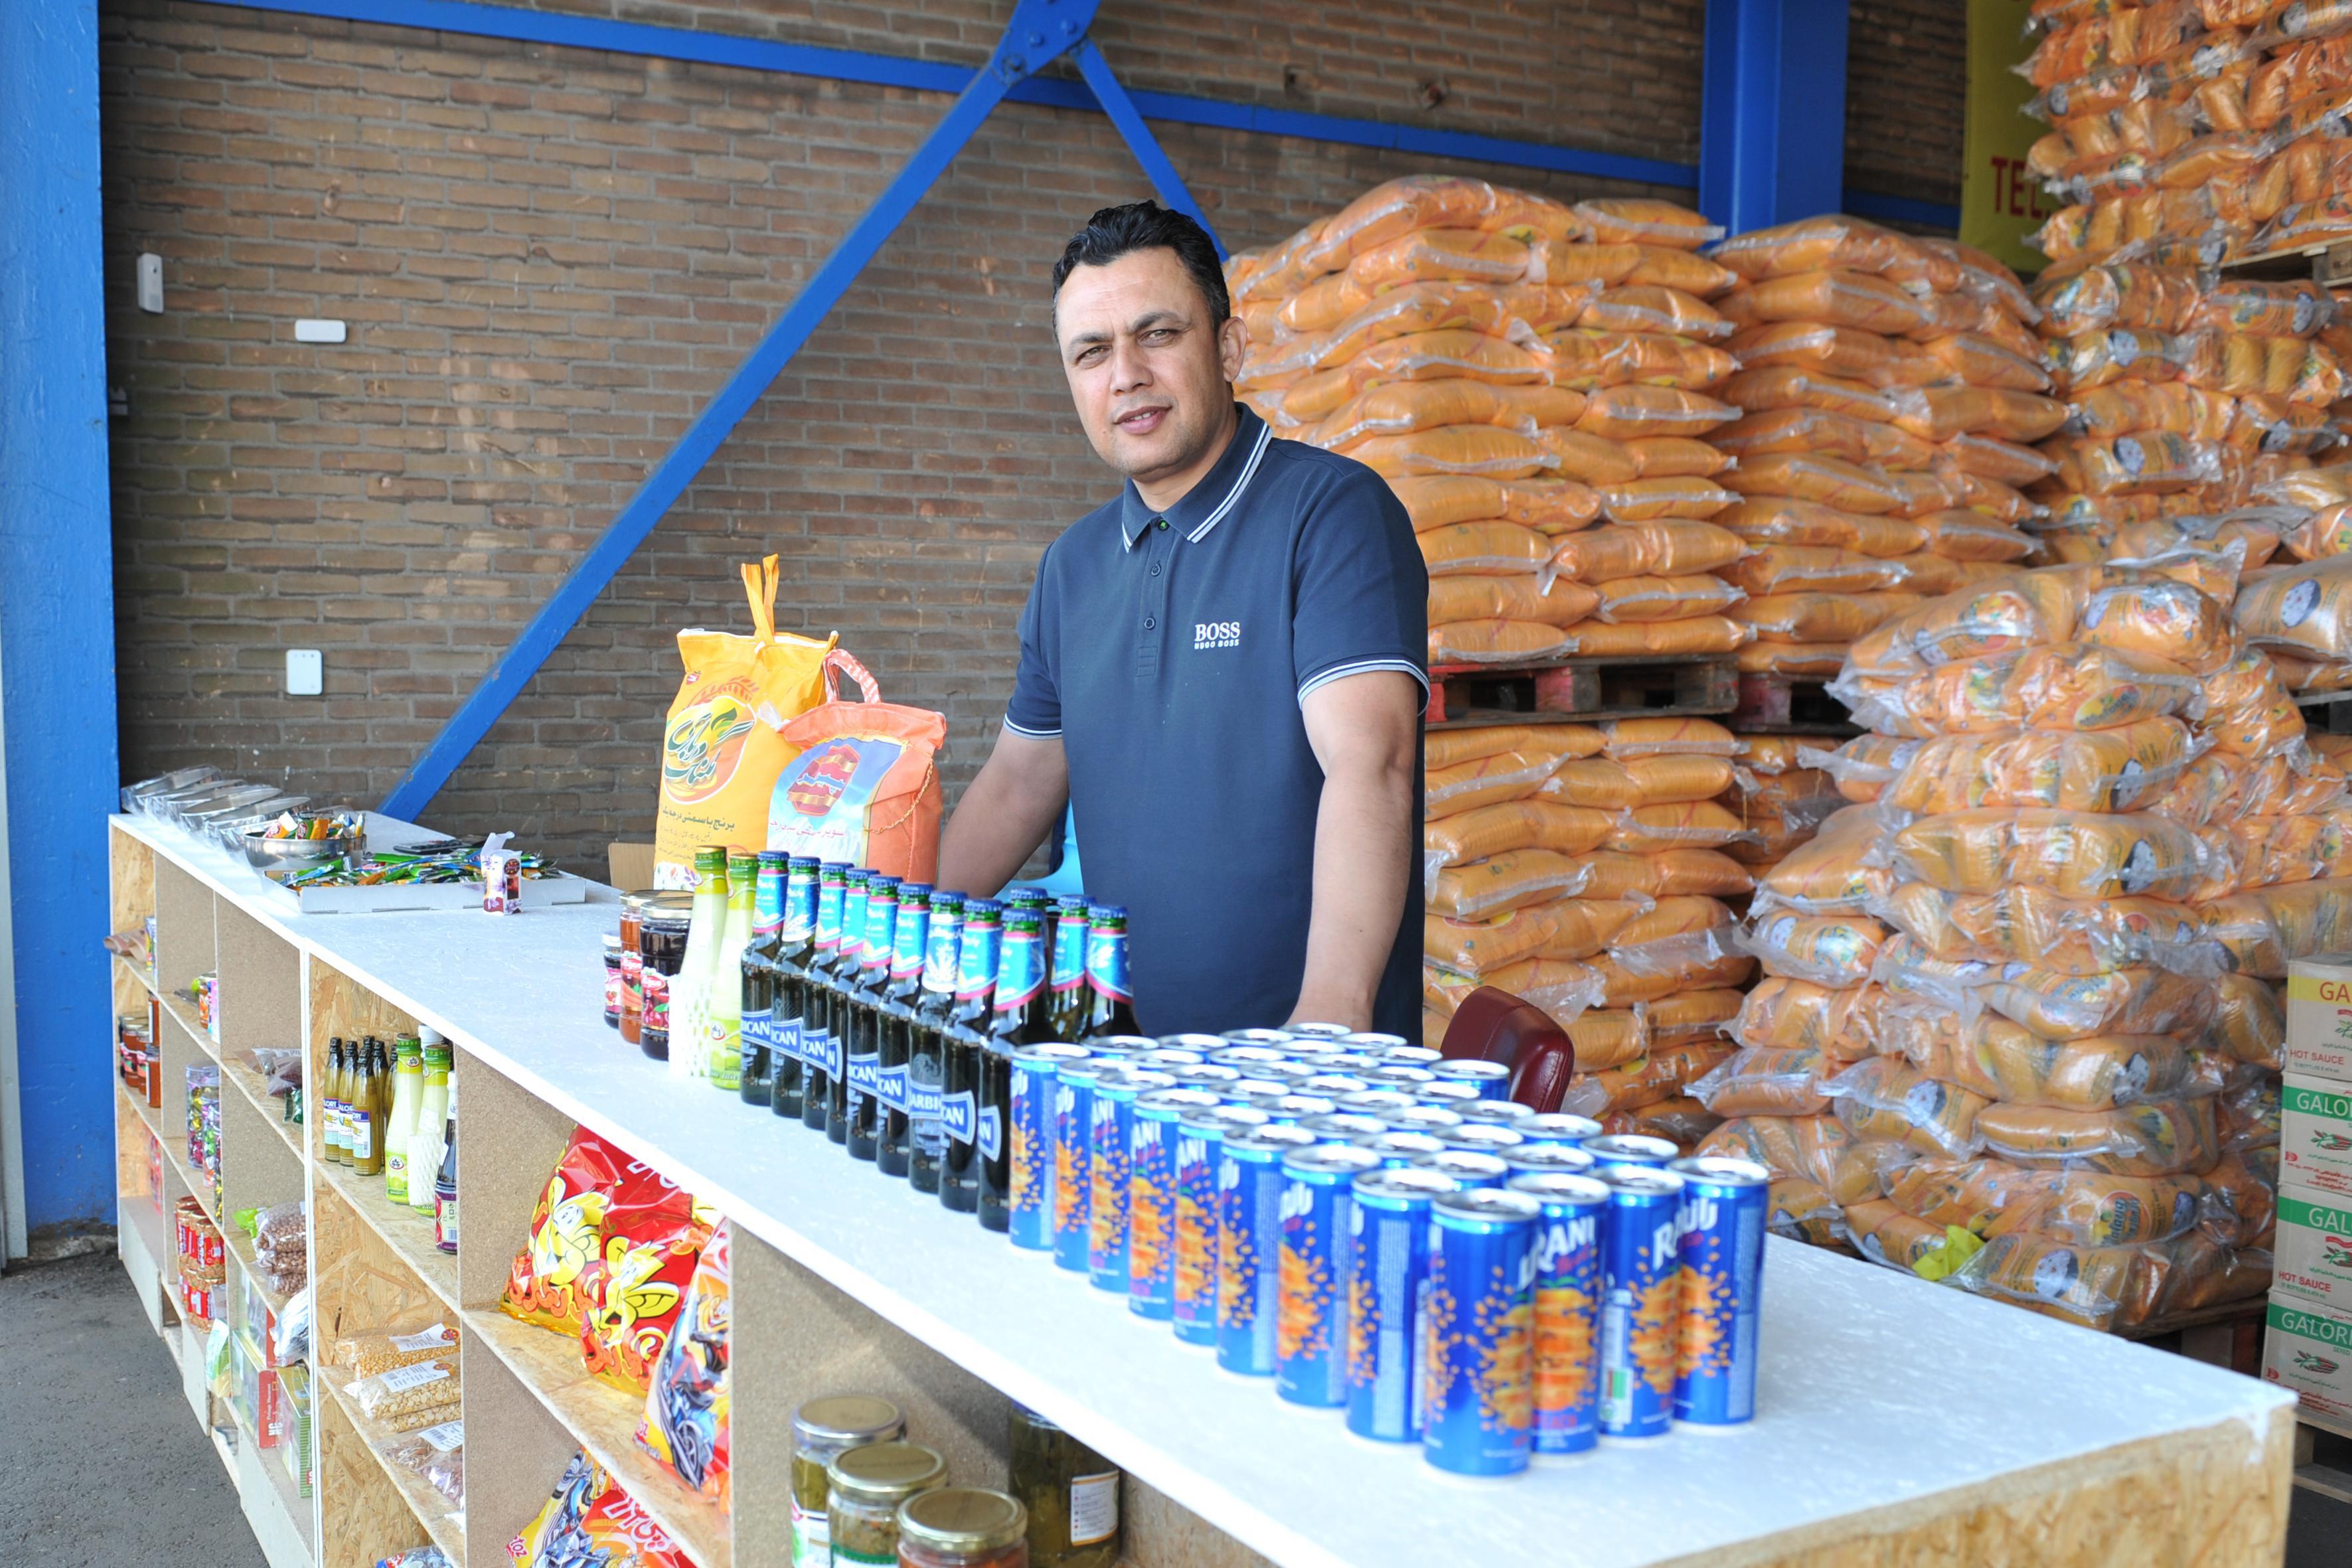 Farad opende groothandel met Afghaanse producten op Beverwijkse Bazaar en wil zo ook zijn geboorteland helpen